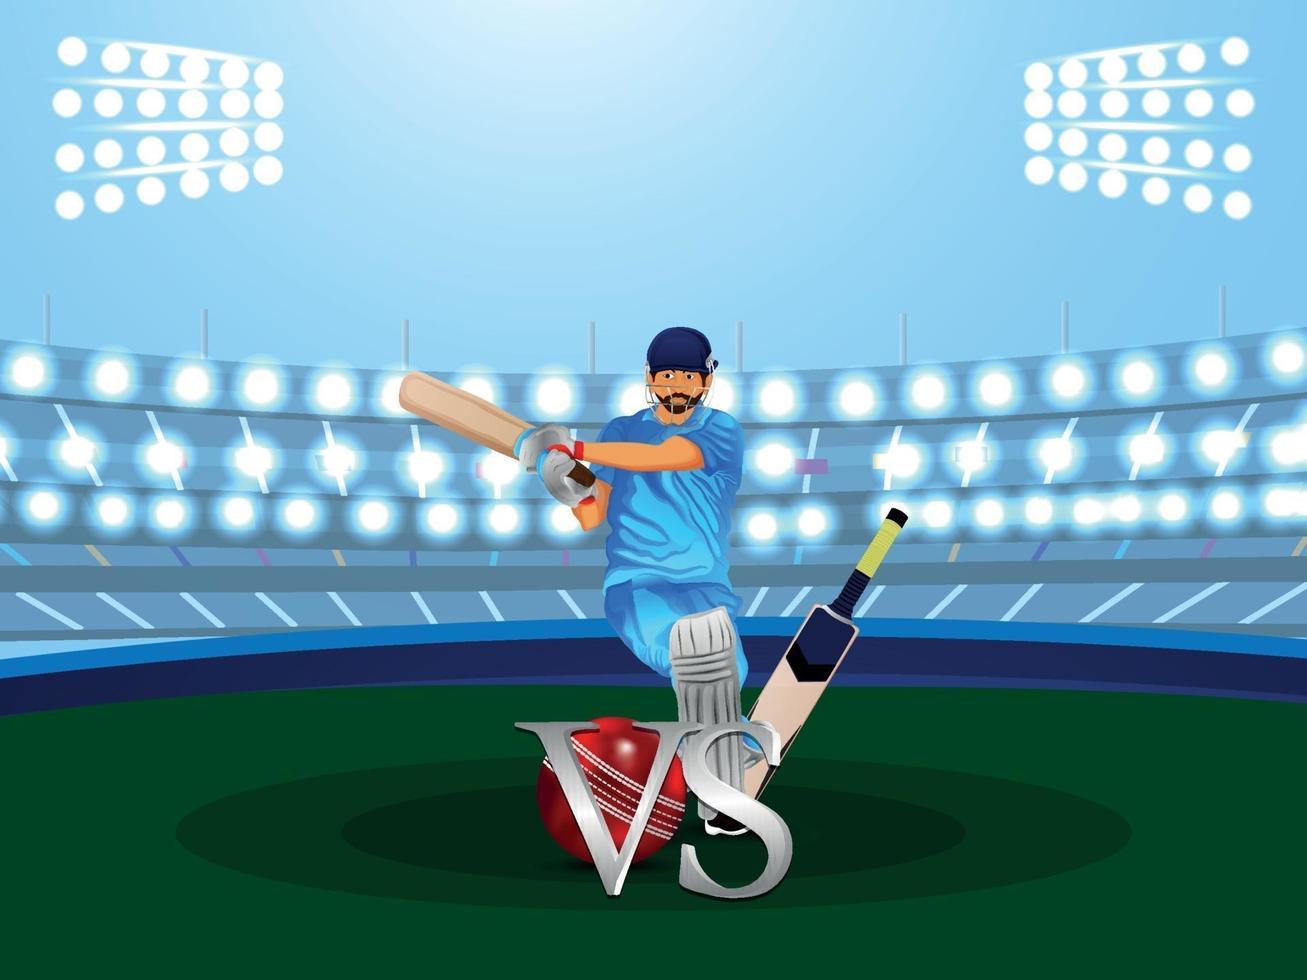 Vektorillustration des Cricketspielers mit Stadionhintergrund vektor